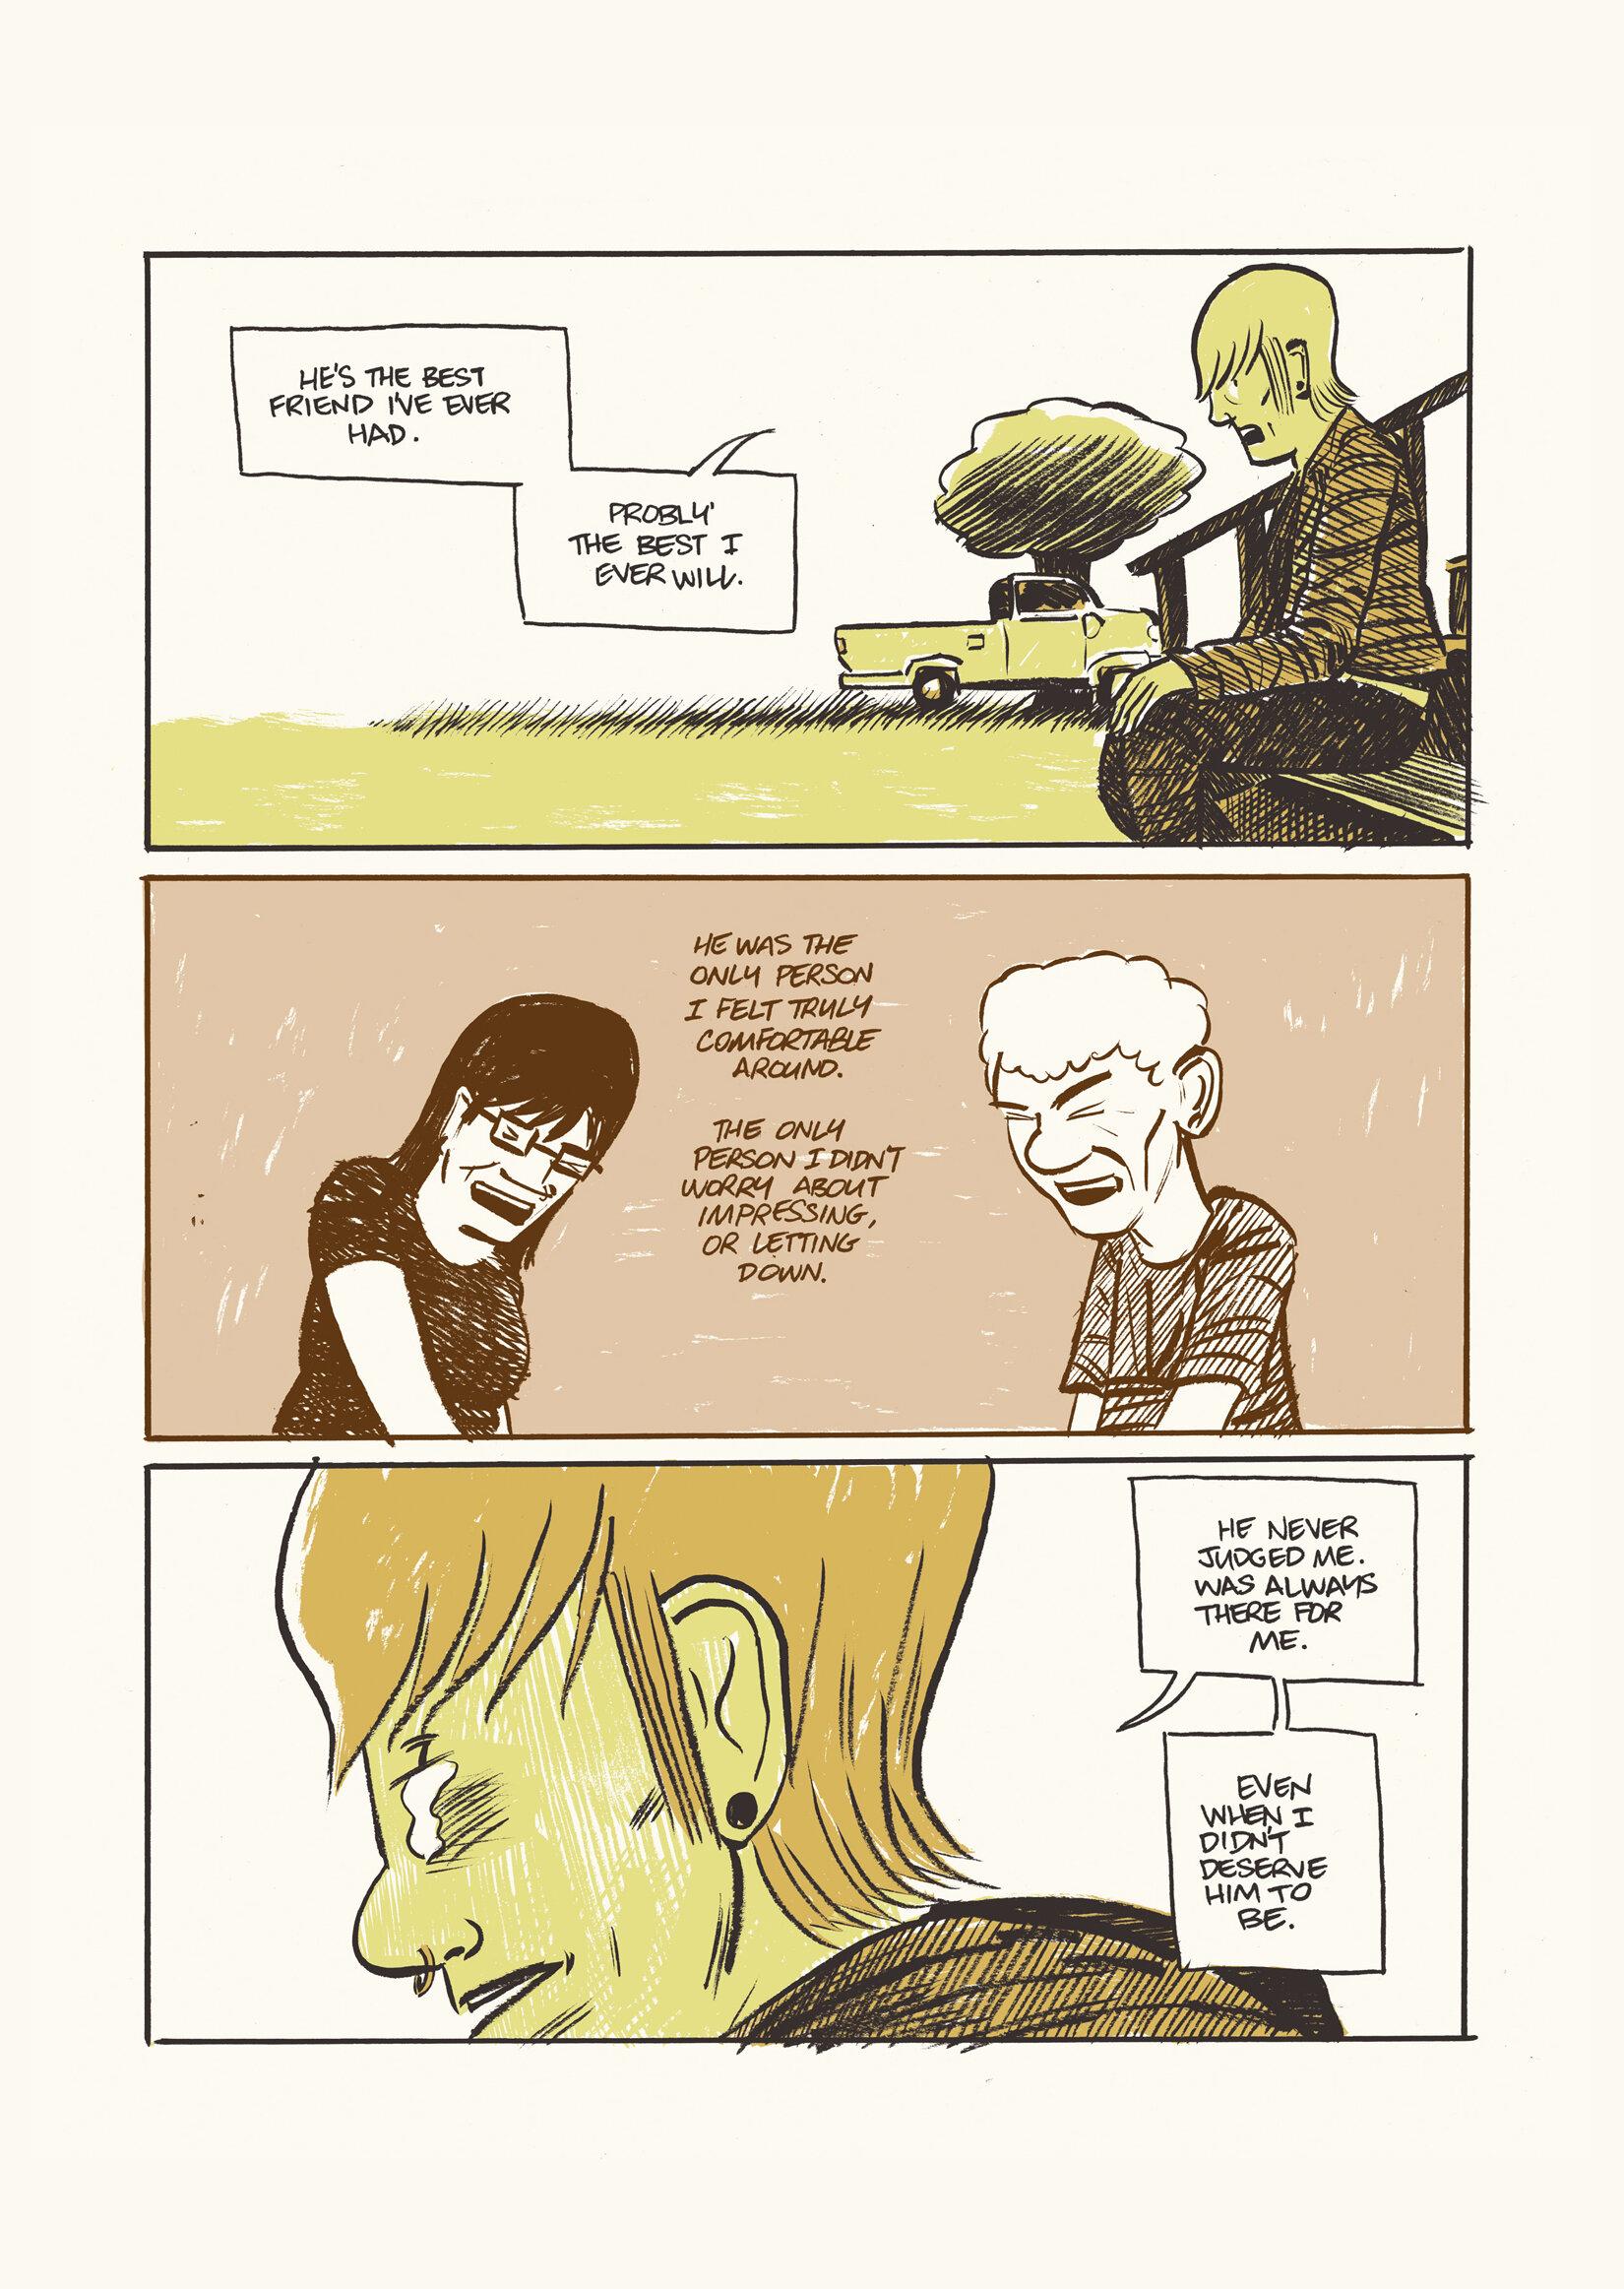 G Page 024.jpg